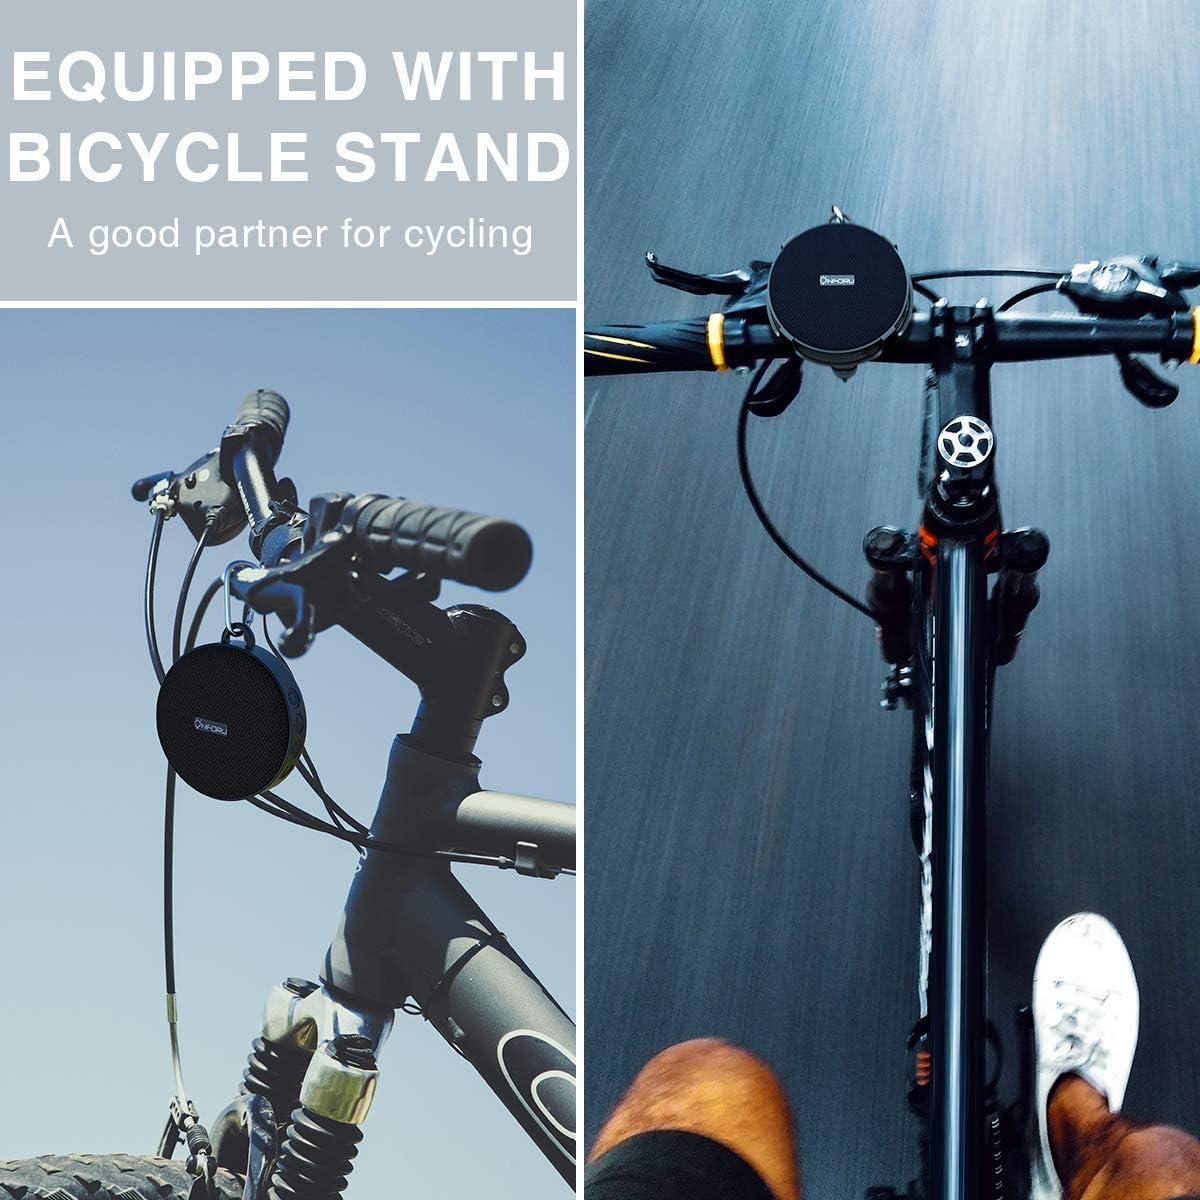 Onforu Altavoz Portátil Bluetooth Bicicleta, Speaker Inalámbrico Bici con Sonido Estéreo, Bluetooth 5.0 y 10 Horas de Reproducción IPX7 Impemeable, Mini Altavoz para Deporte Ciclismo al Aire Libre: Amazon.es: Electrónica